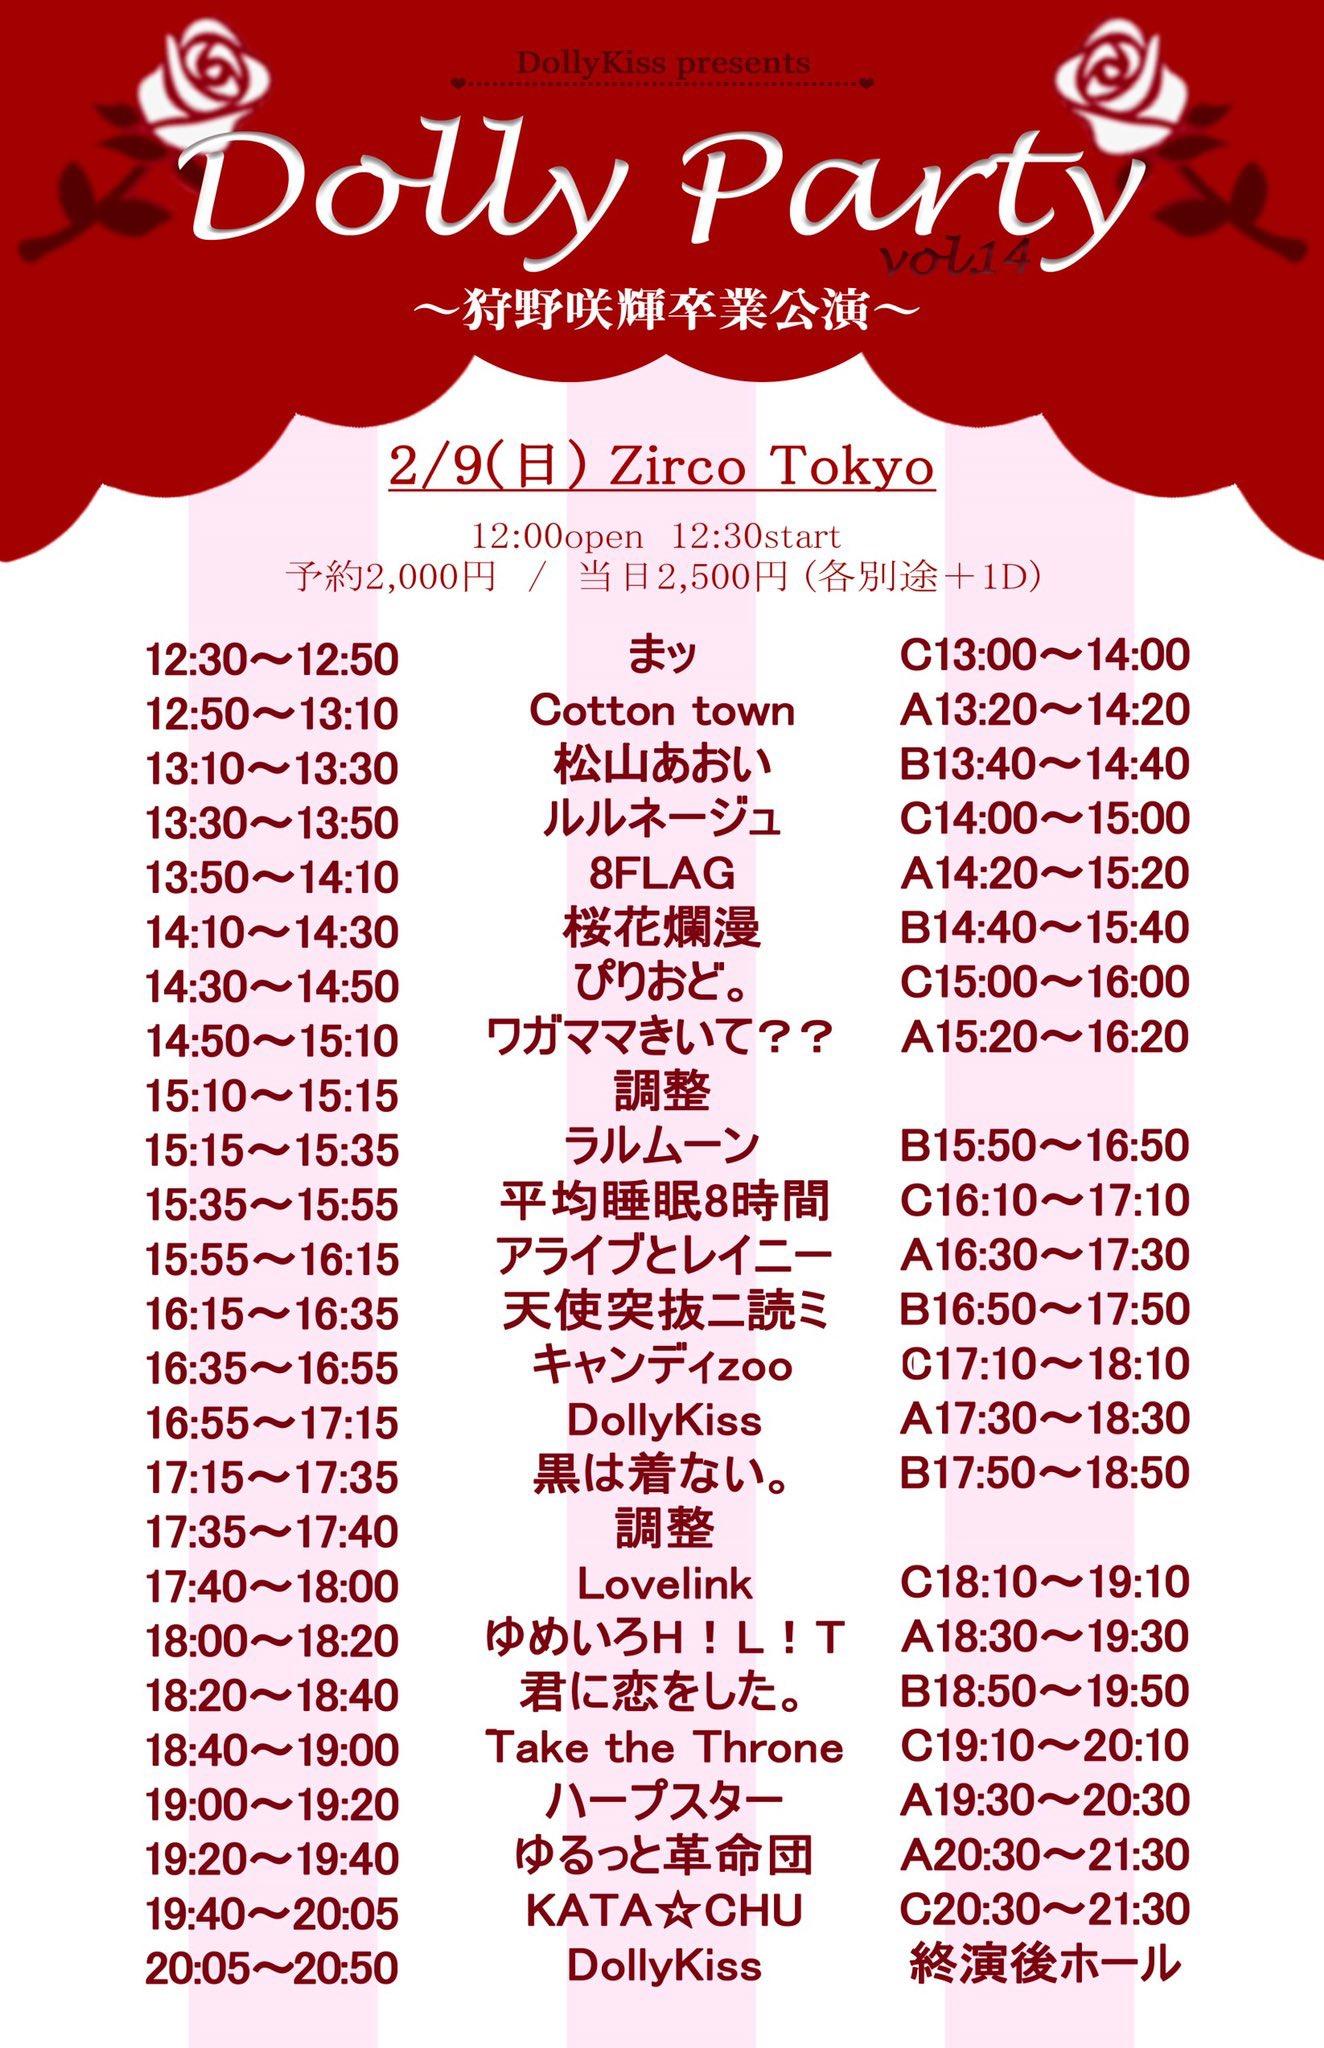 2月9日(日)Dolly Party取り置きチケット(予約のみ)